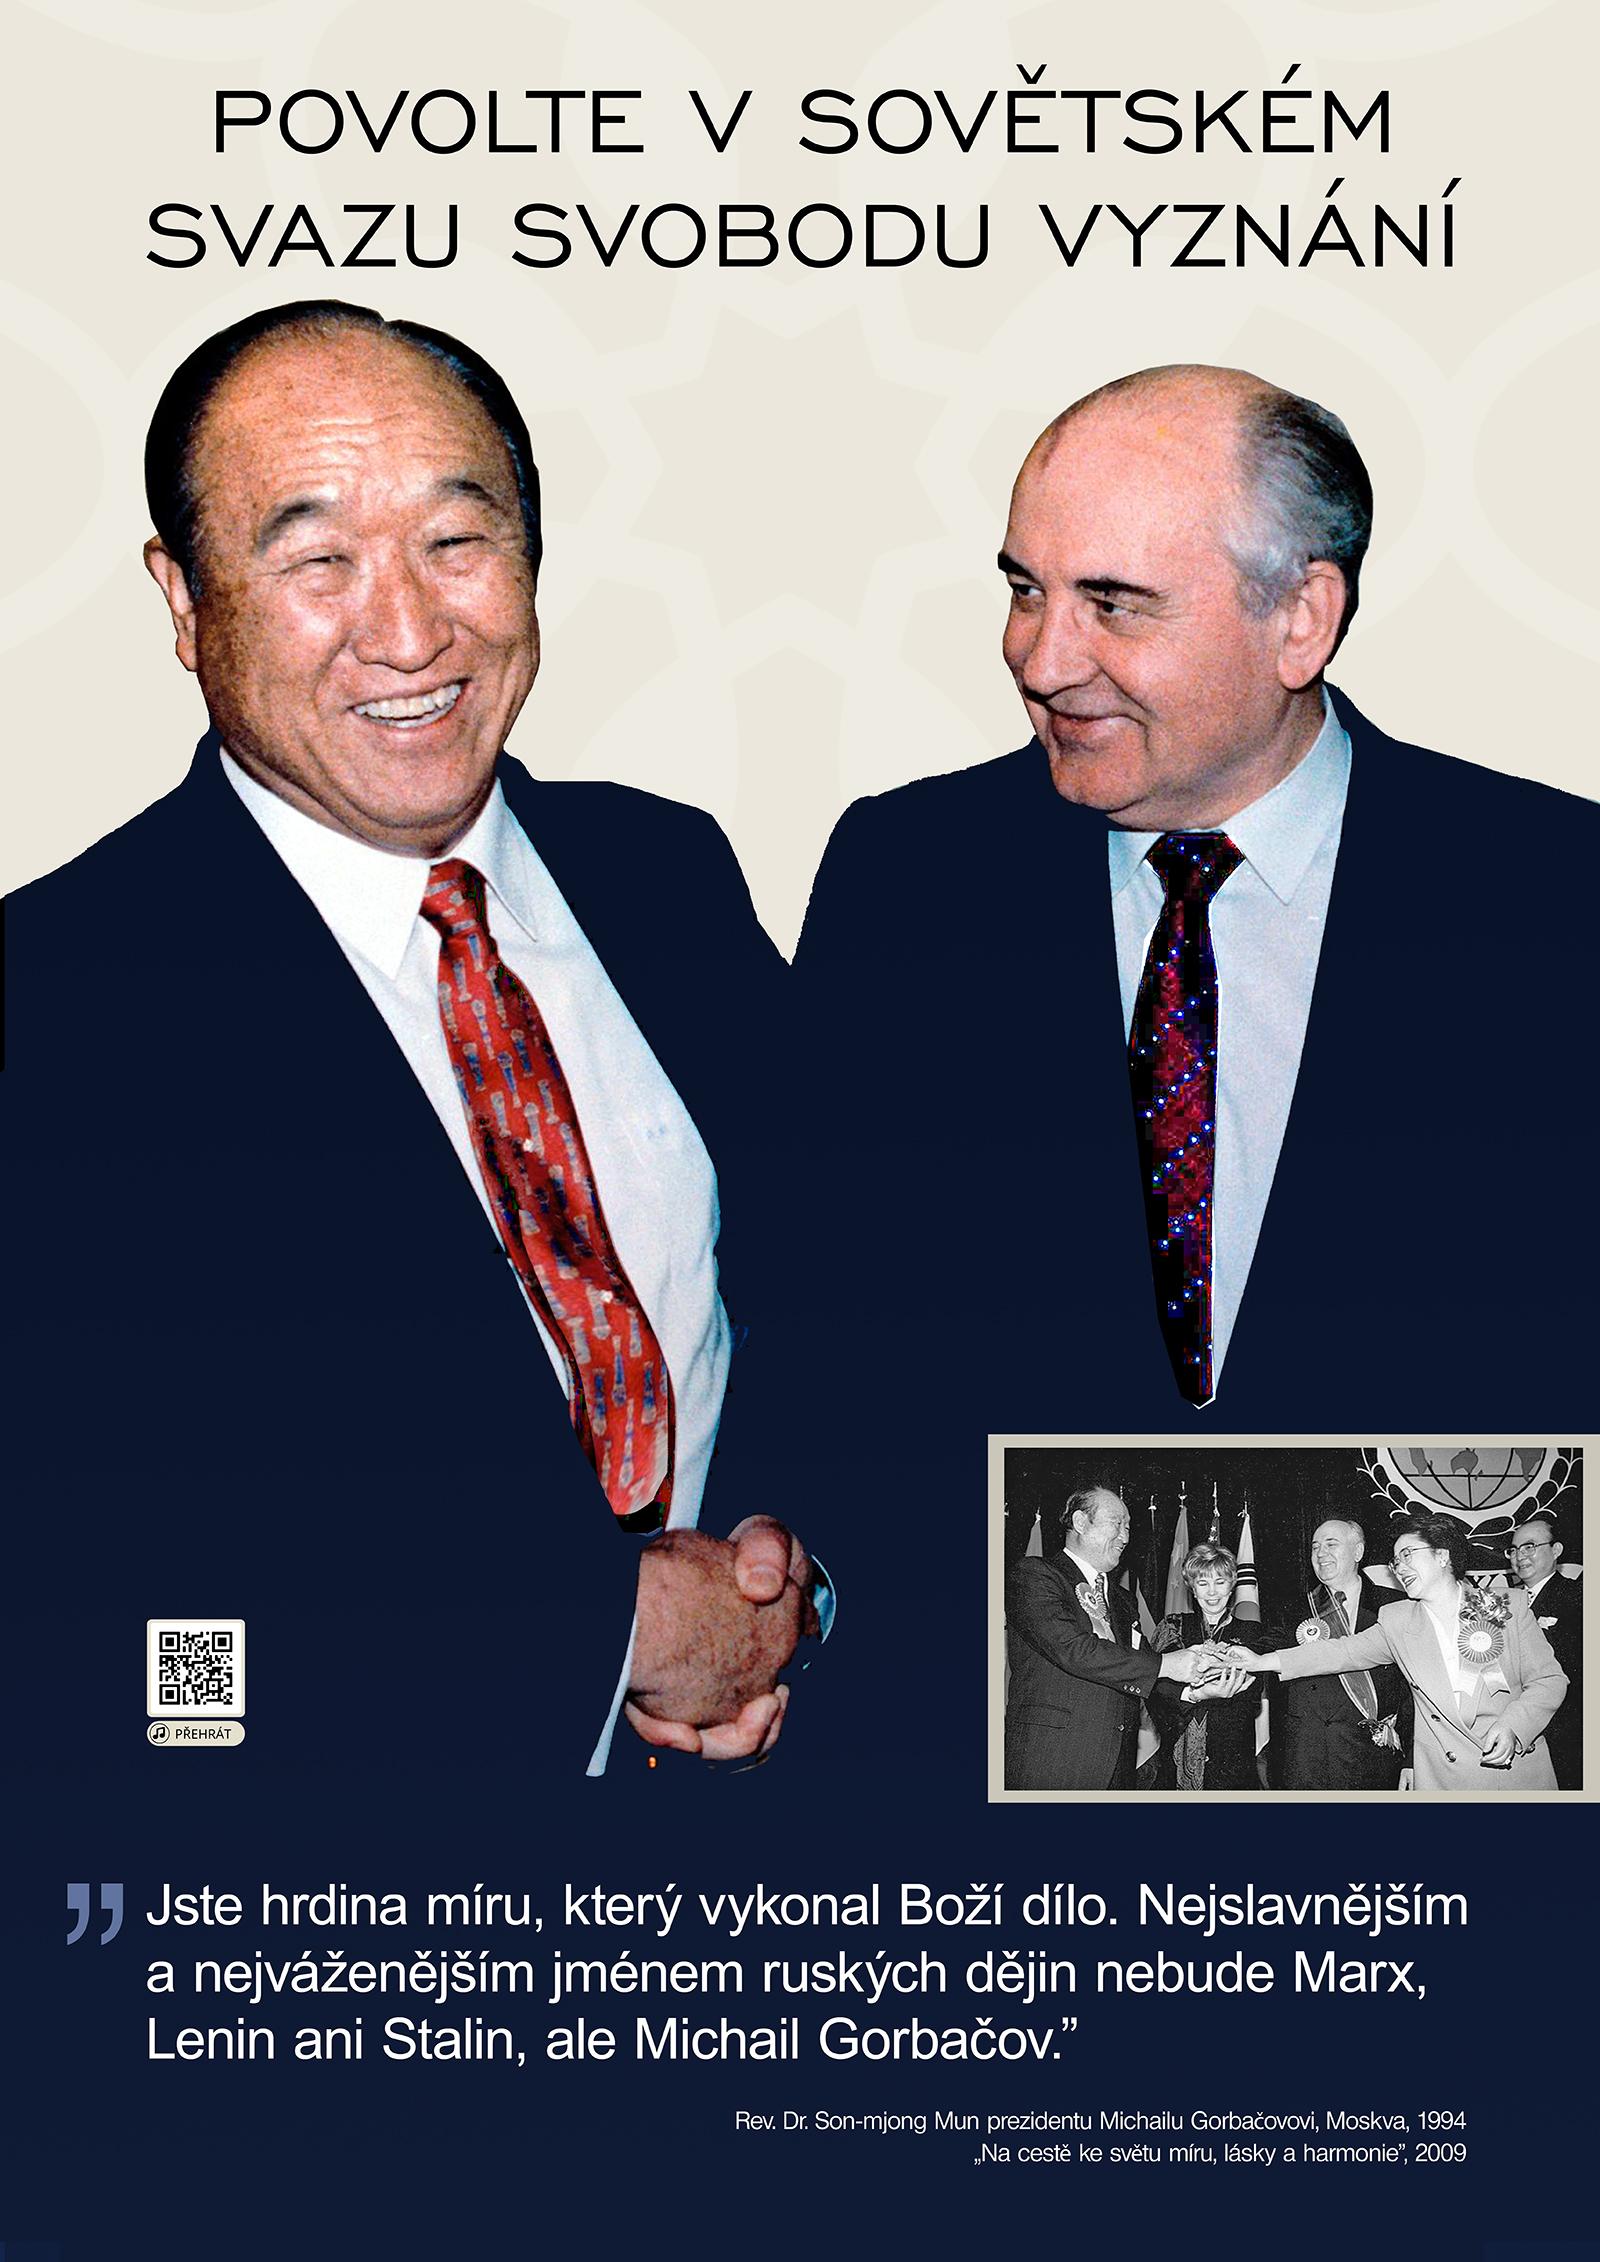 13. Gorbačev